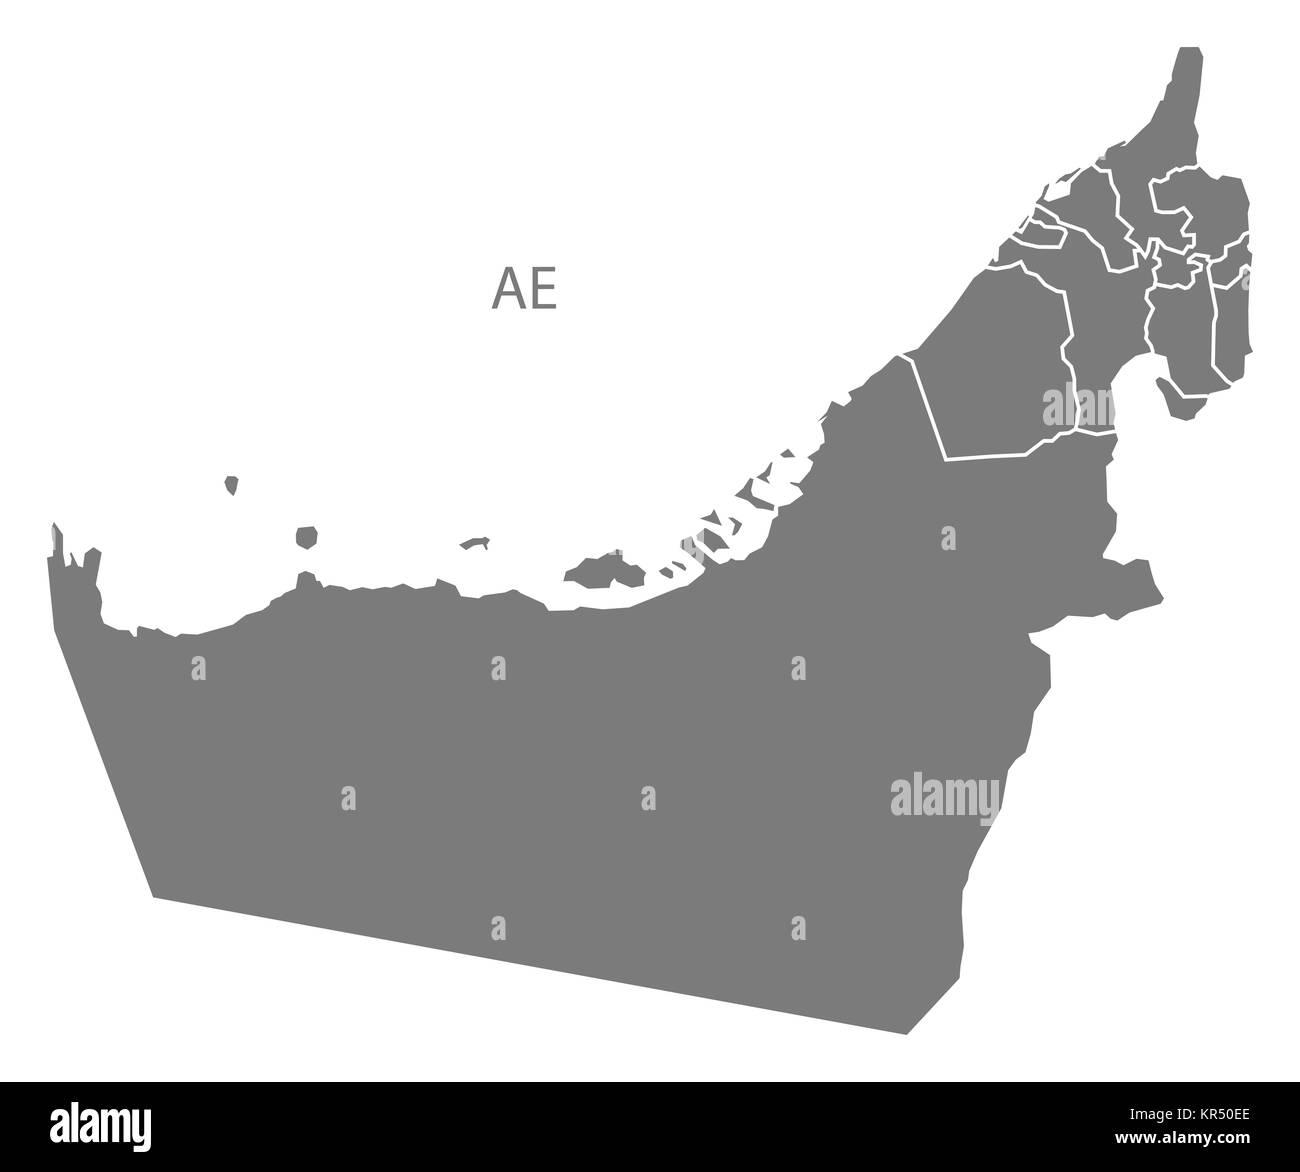 United Arab Emirates with emirates Map grey - Stock Image